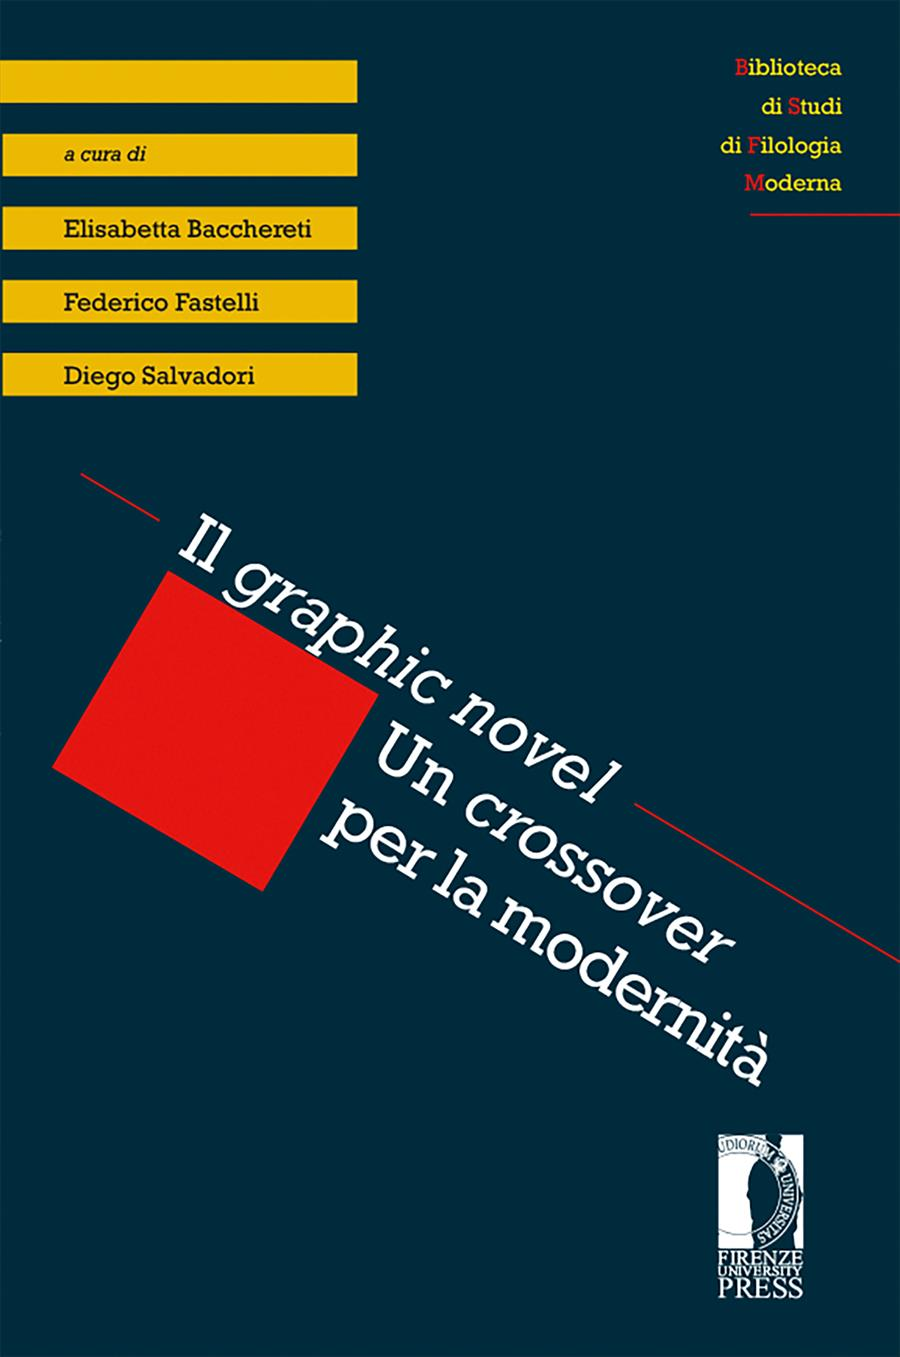 Il <i>graphic novel</i>. Un <i>crossover</i> per la modernità